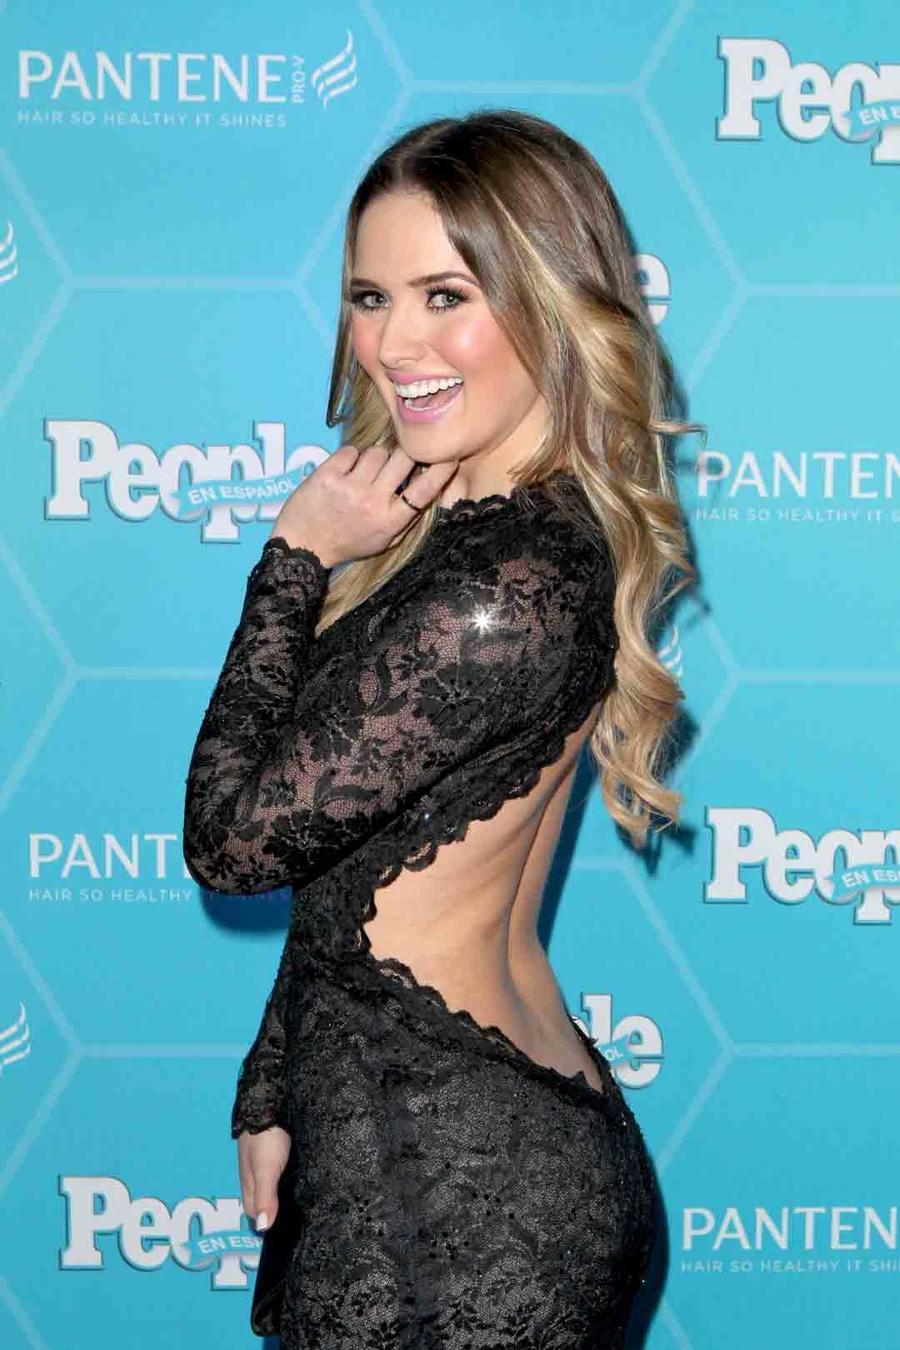 Kimberly Dos Ramos en la alfombra Estrellas del Año de People en Español